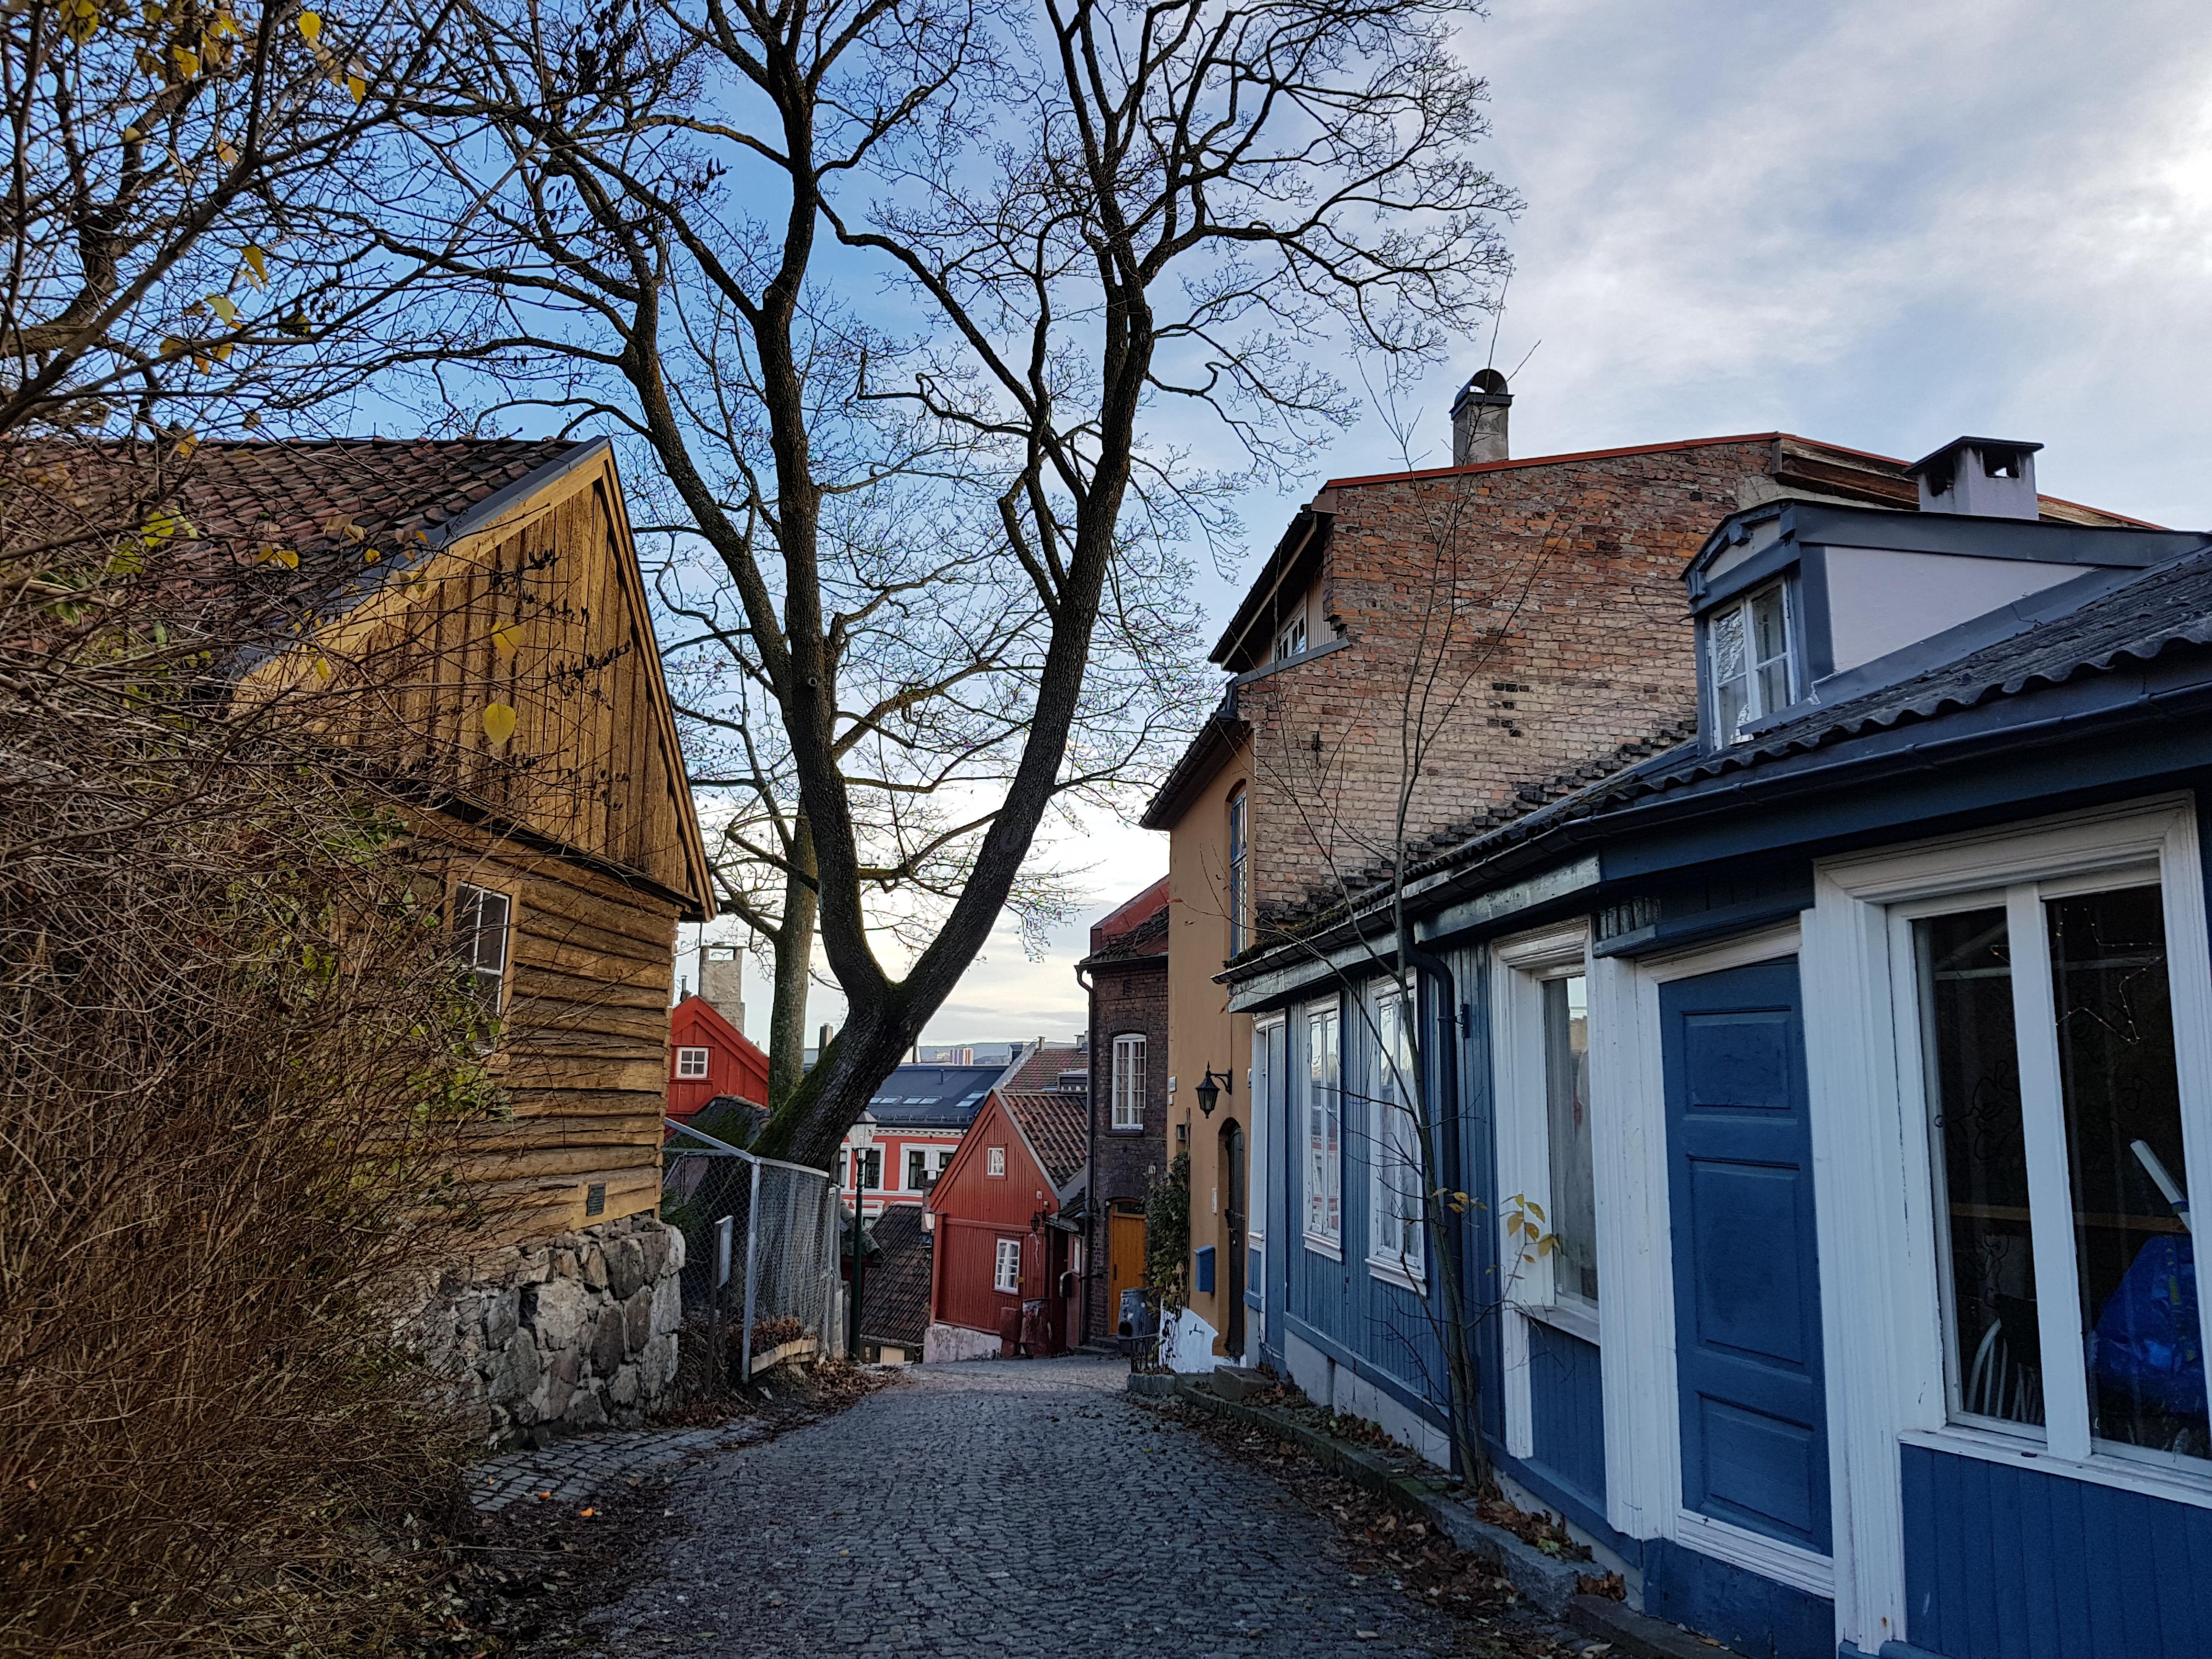 Malerische Häuser in der Darmstreded in Oslo